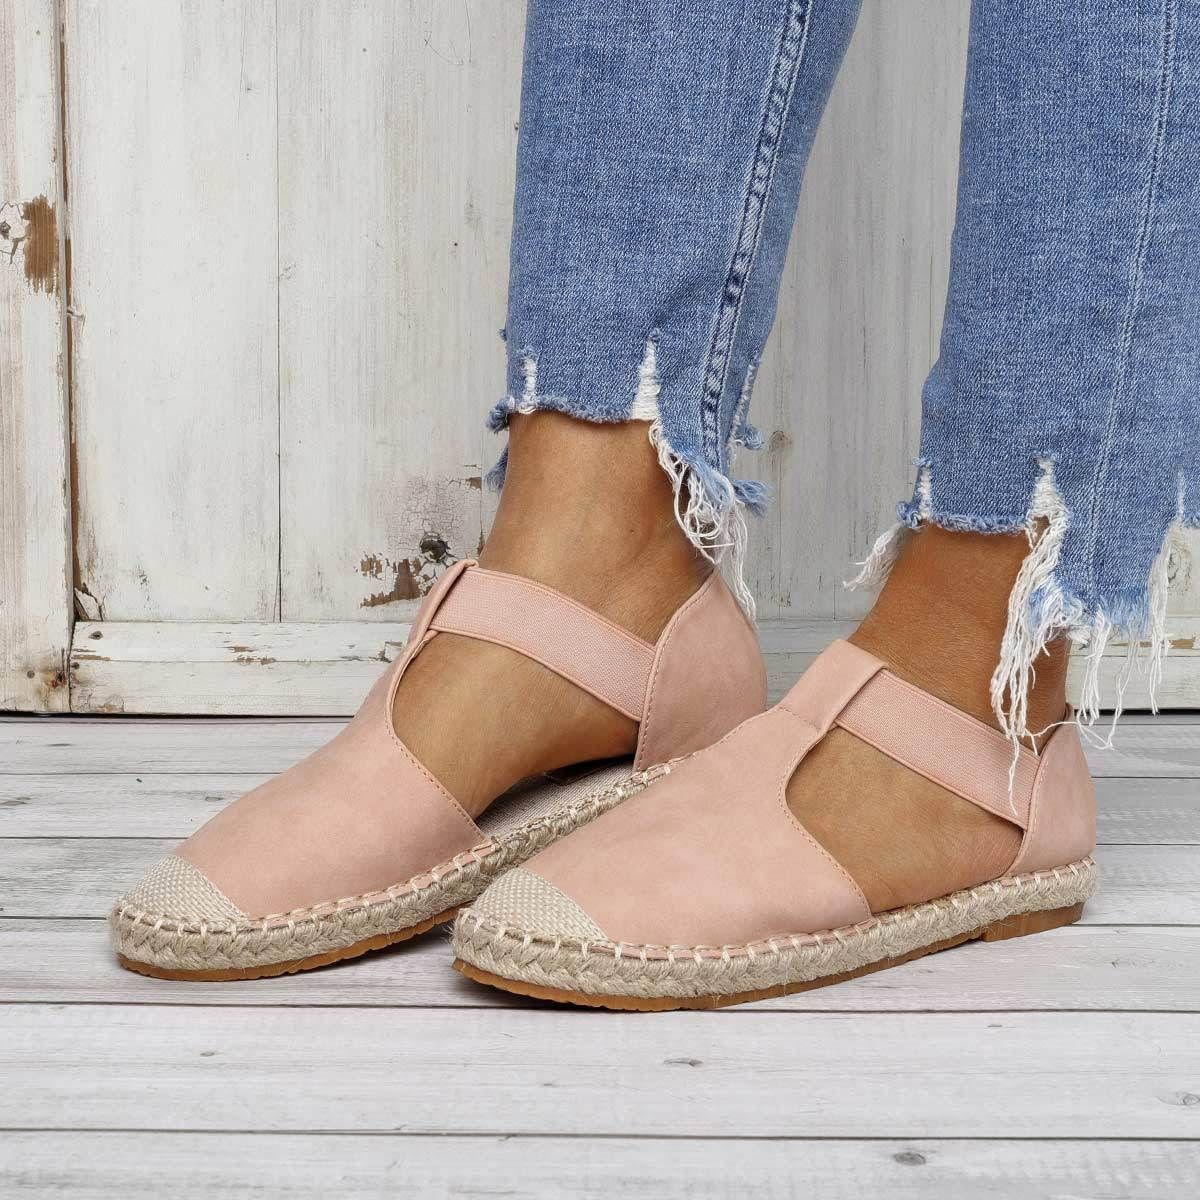 Sandalen in Ihrer Nähe jetzt online entdecken |